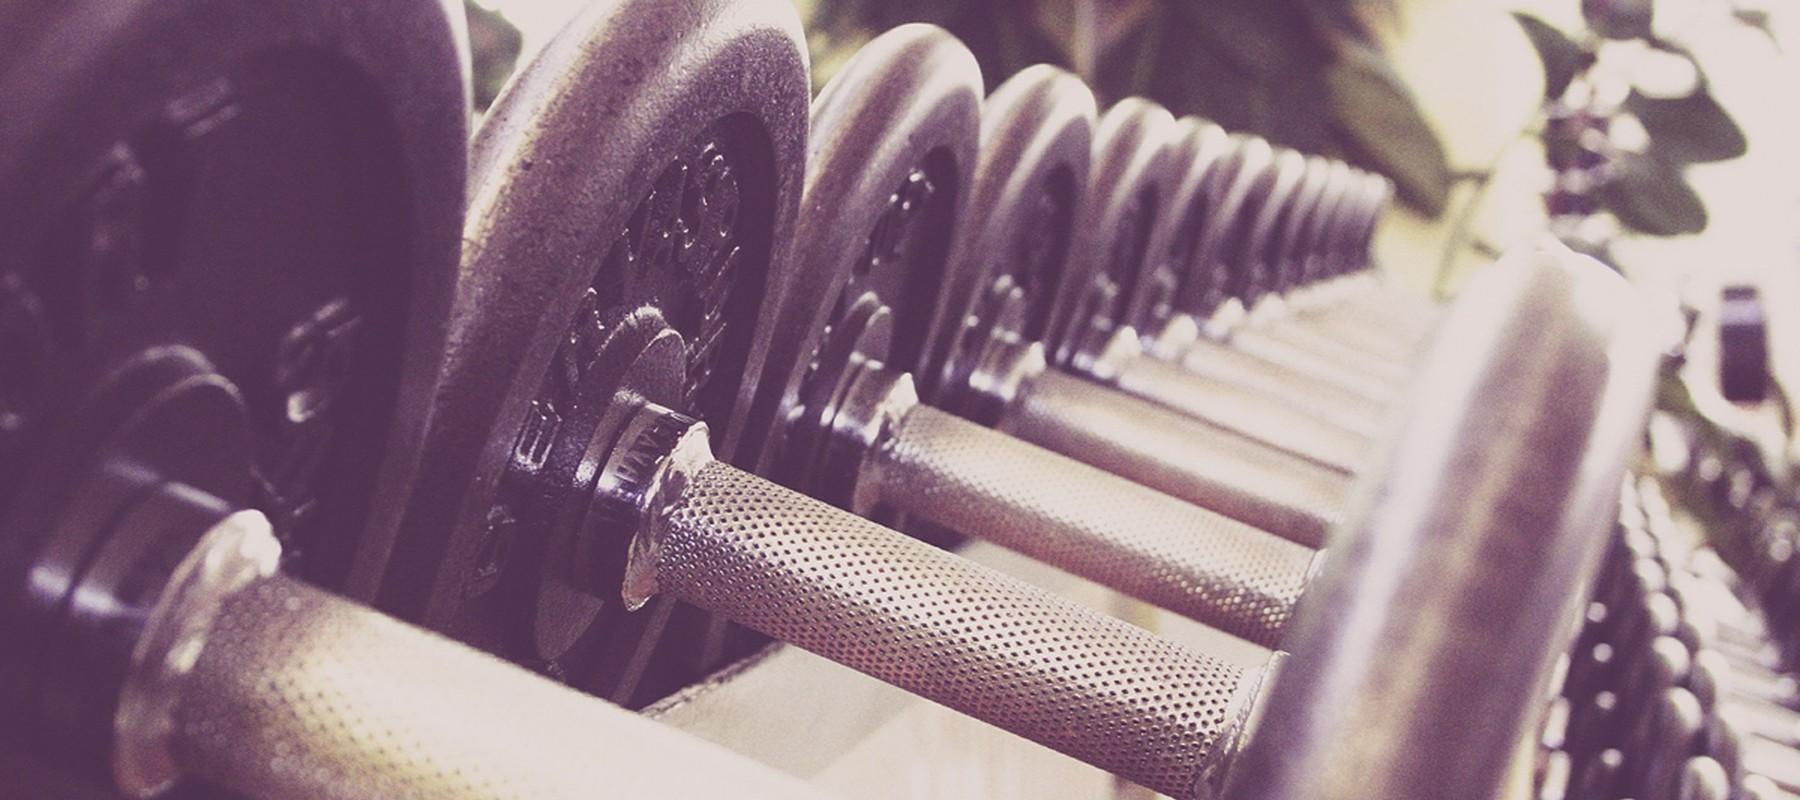 De toegang tot een fitnesscentrum: de beheerder in control, de bezoeker een gastvrij onthaal